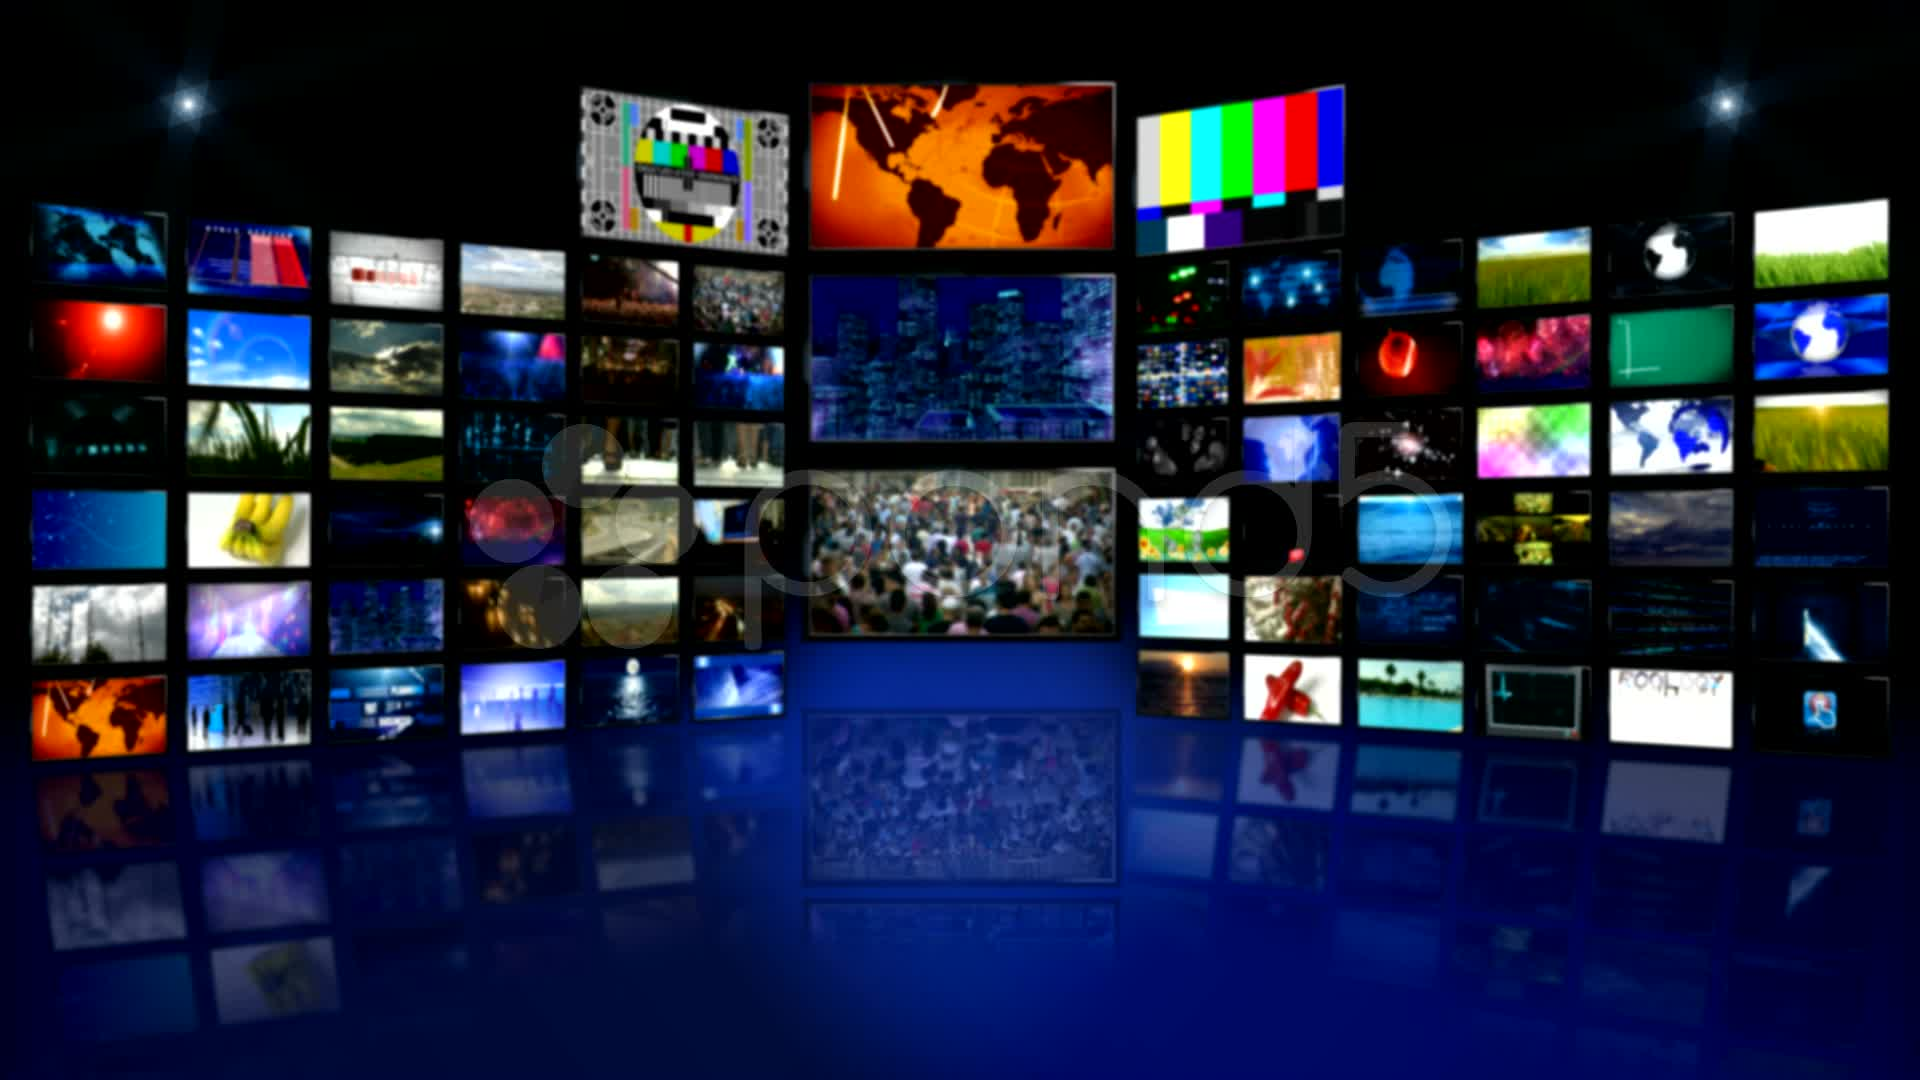 الإعلامي الذي داس على ثقافته؟: قراءة علمية في الواقع الإعلامي